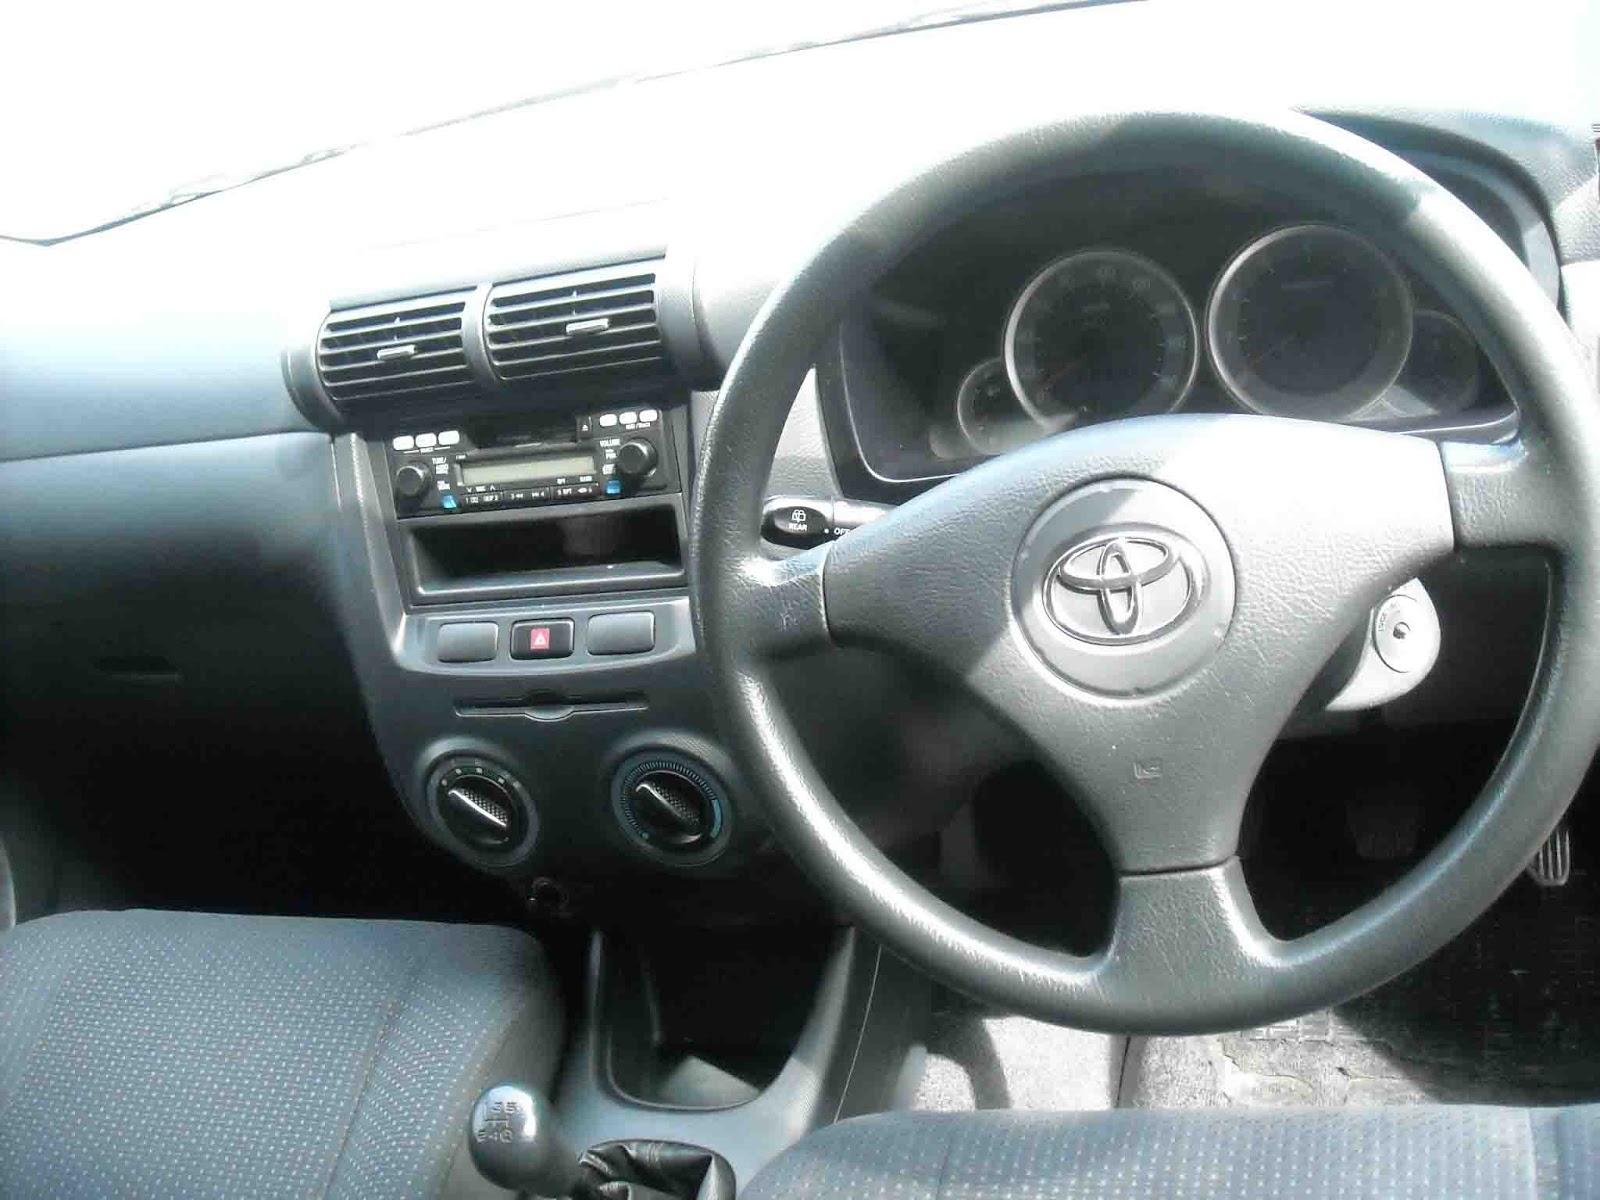 Console Box Grand New Avanza Harga All Innova Venturer Toyota G 1 3 Non Vvti Mt 2006 Silver 113juta